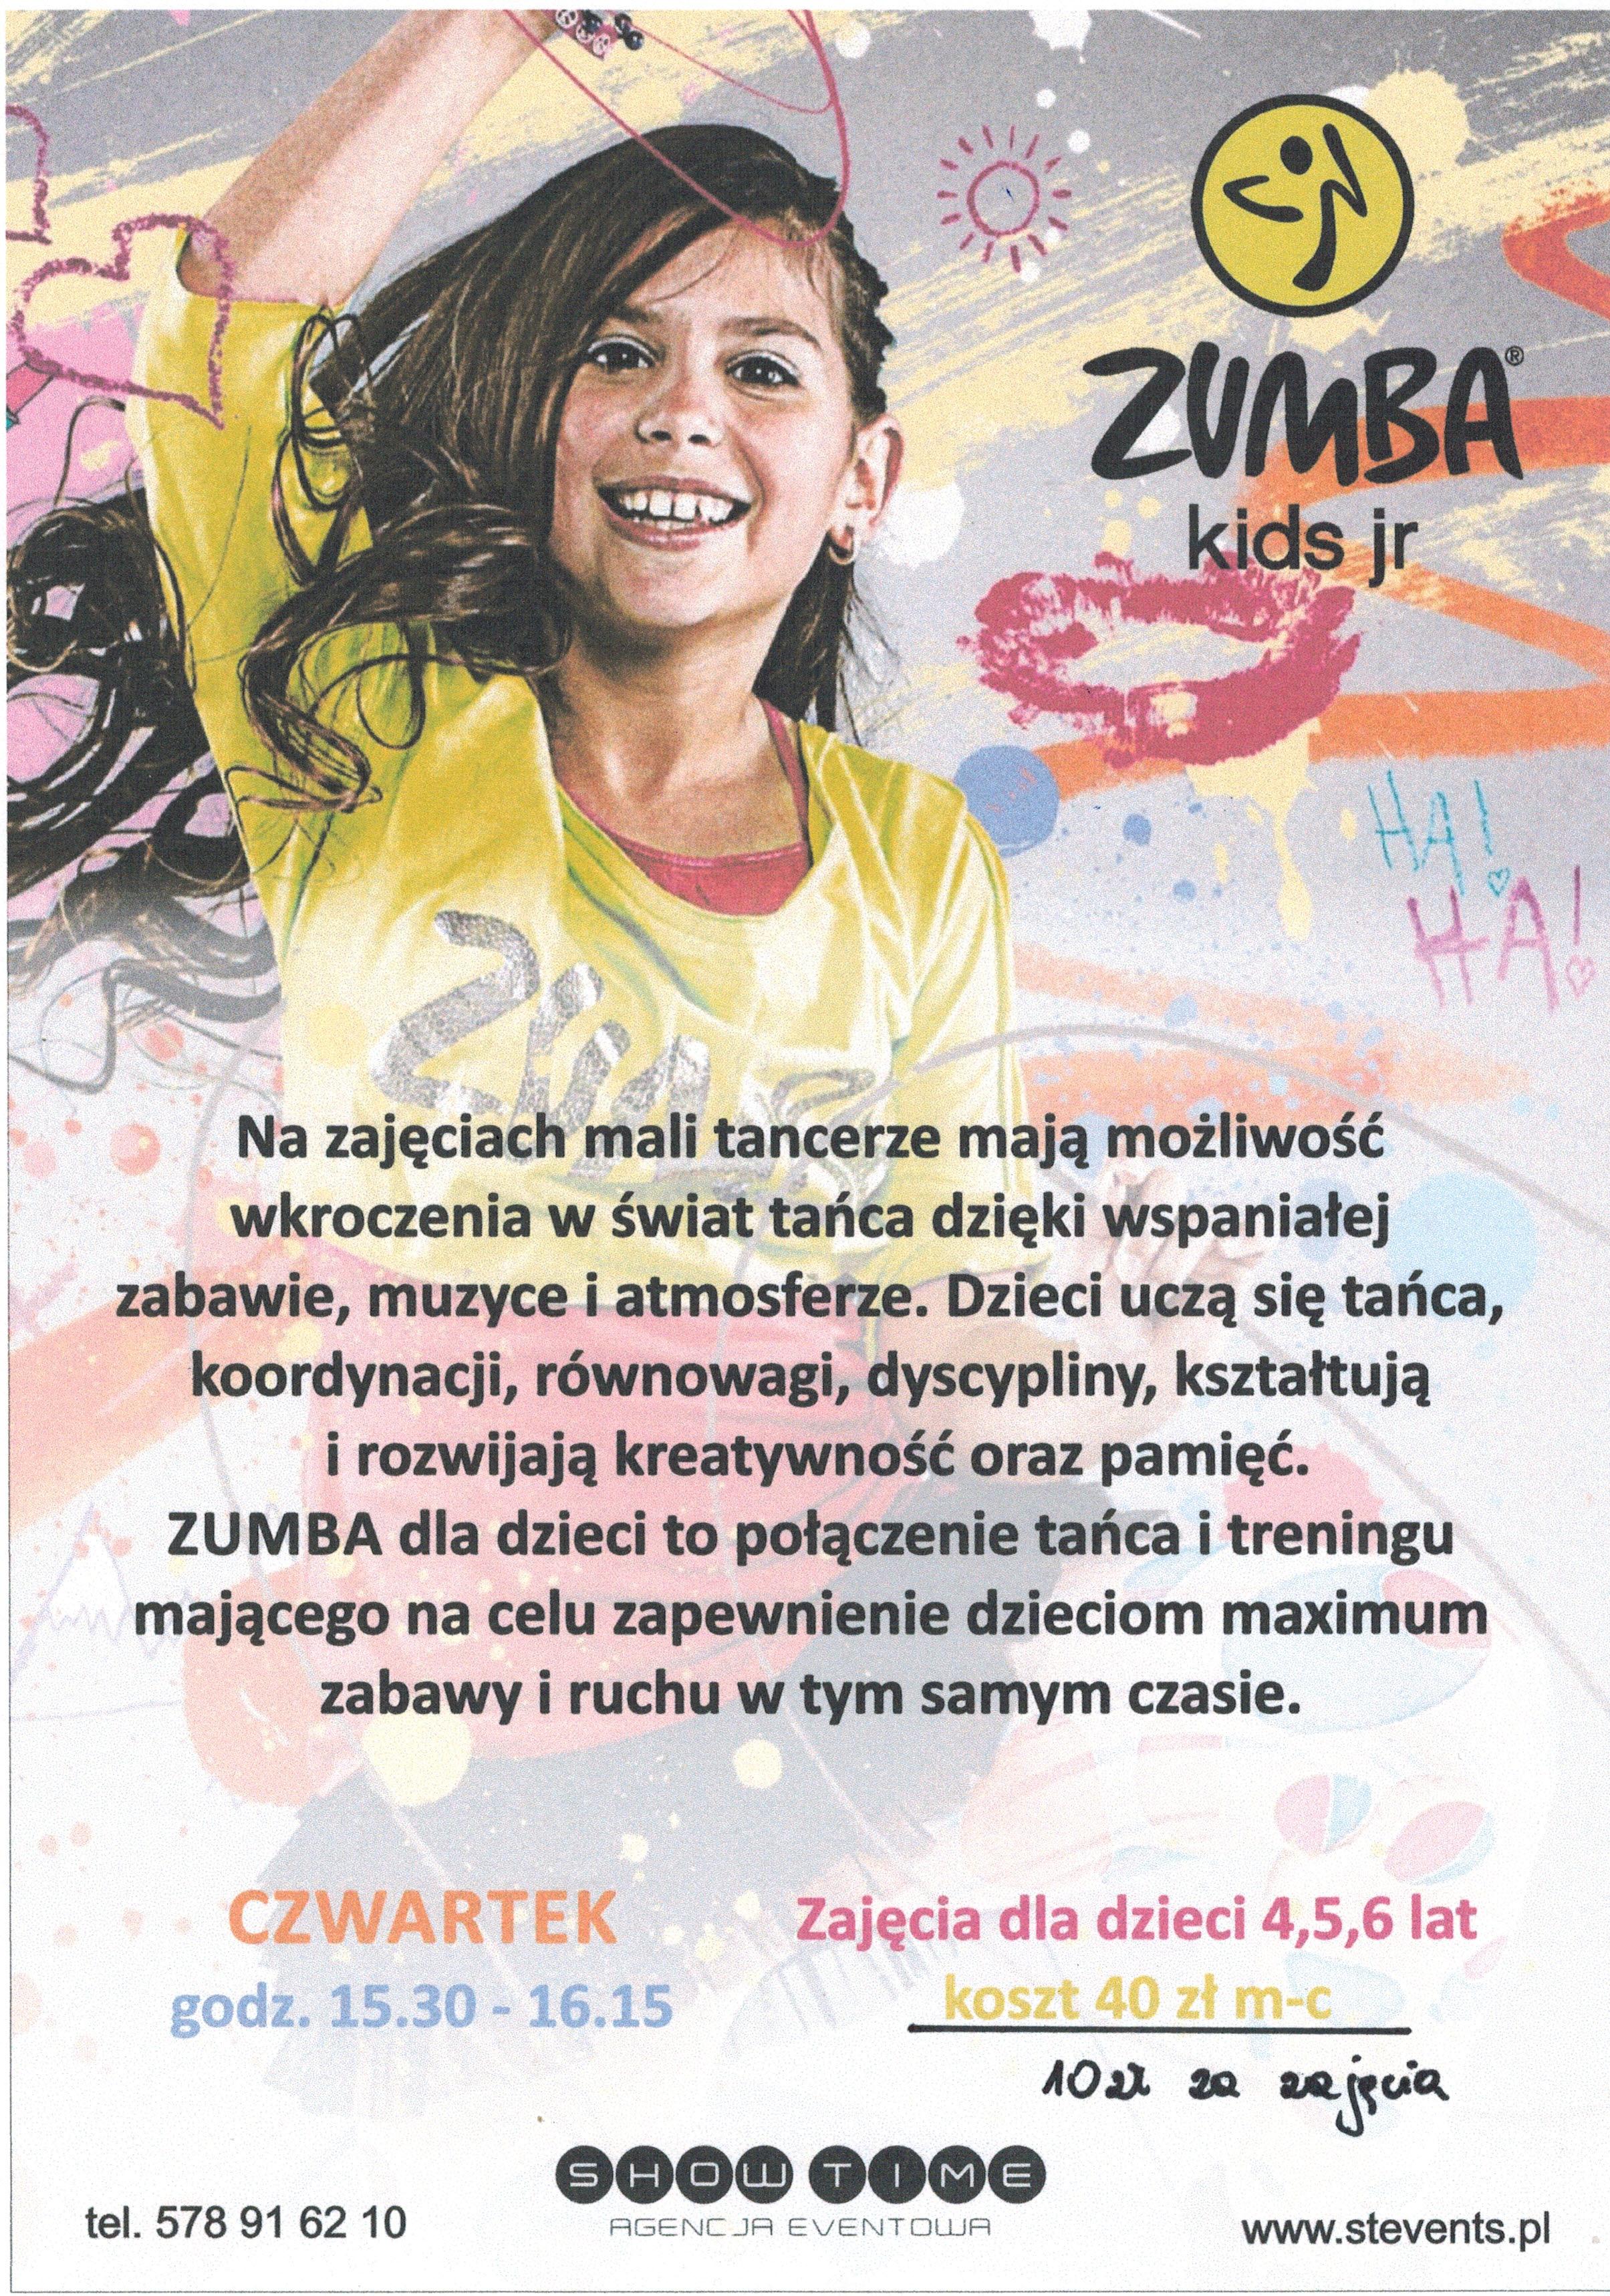 plakat-zumba-kids